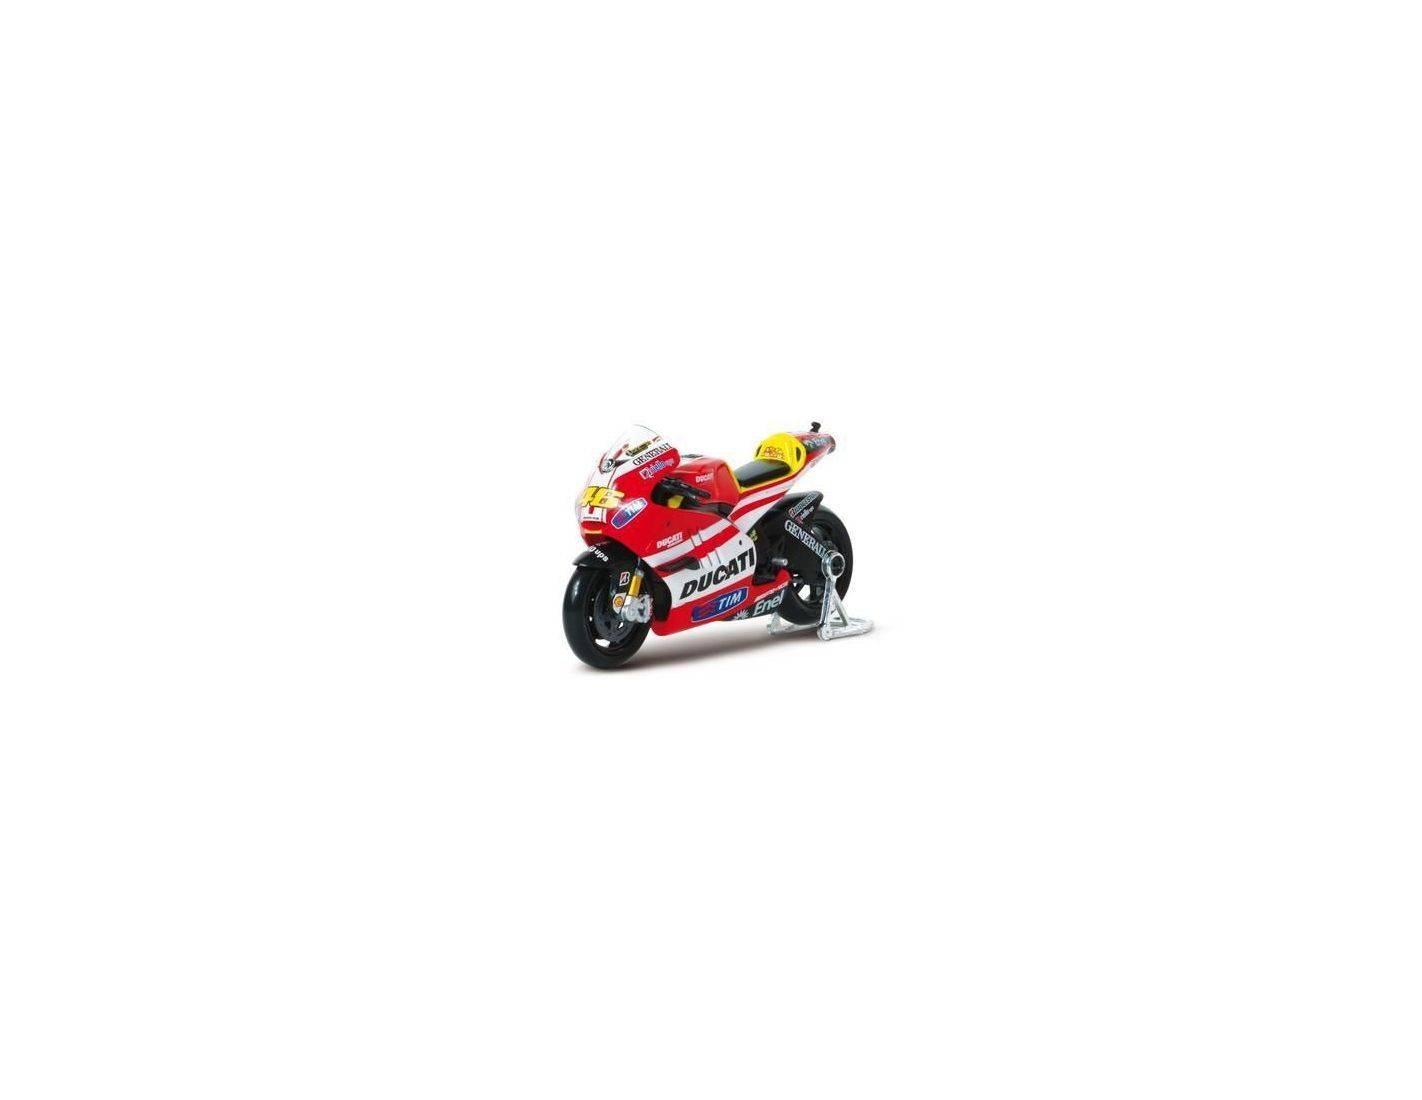 Motorama 498169 MOTO GP2011 DUCATI DESMOSEDICI VALENTINO ROSSI 46 SCALA 1:16 Modellino